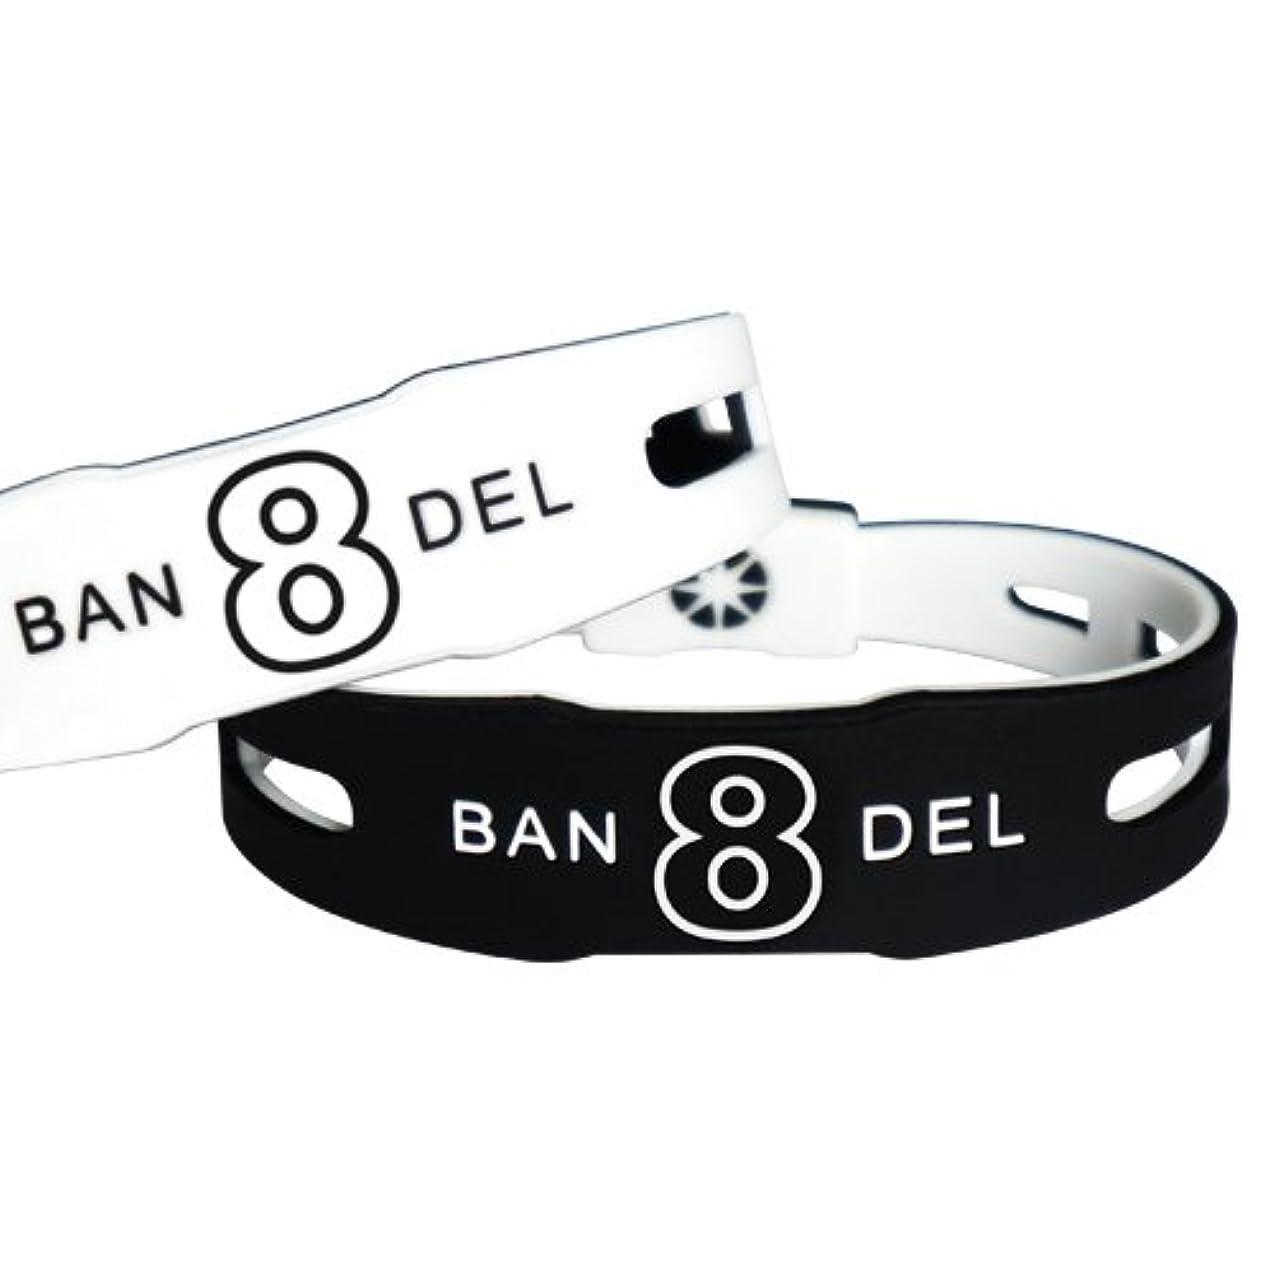 わずかな安定しましたアンケートバンデル(BANDEL)ナンバー ブレスレット リバーシブル No.8(ブラック×ホワイト)LLサイズ